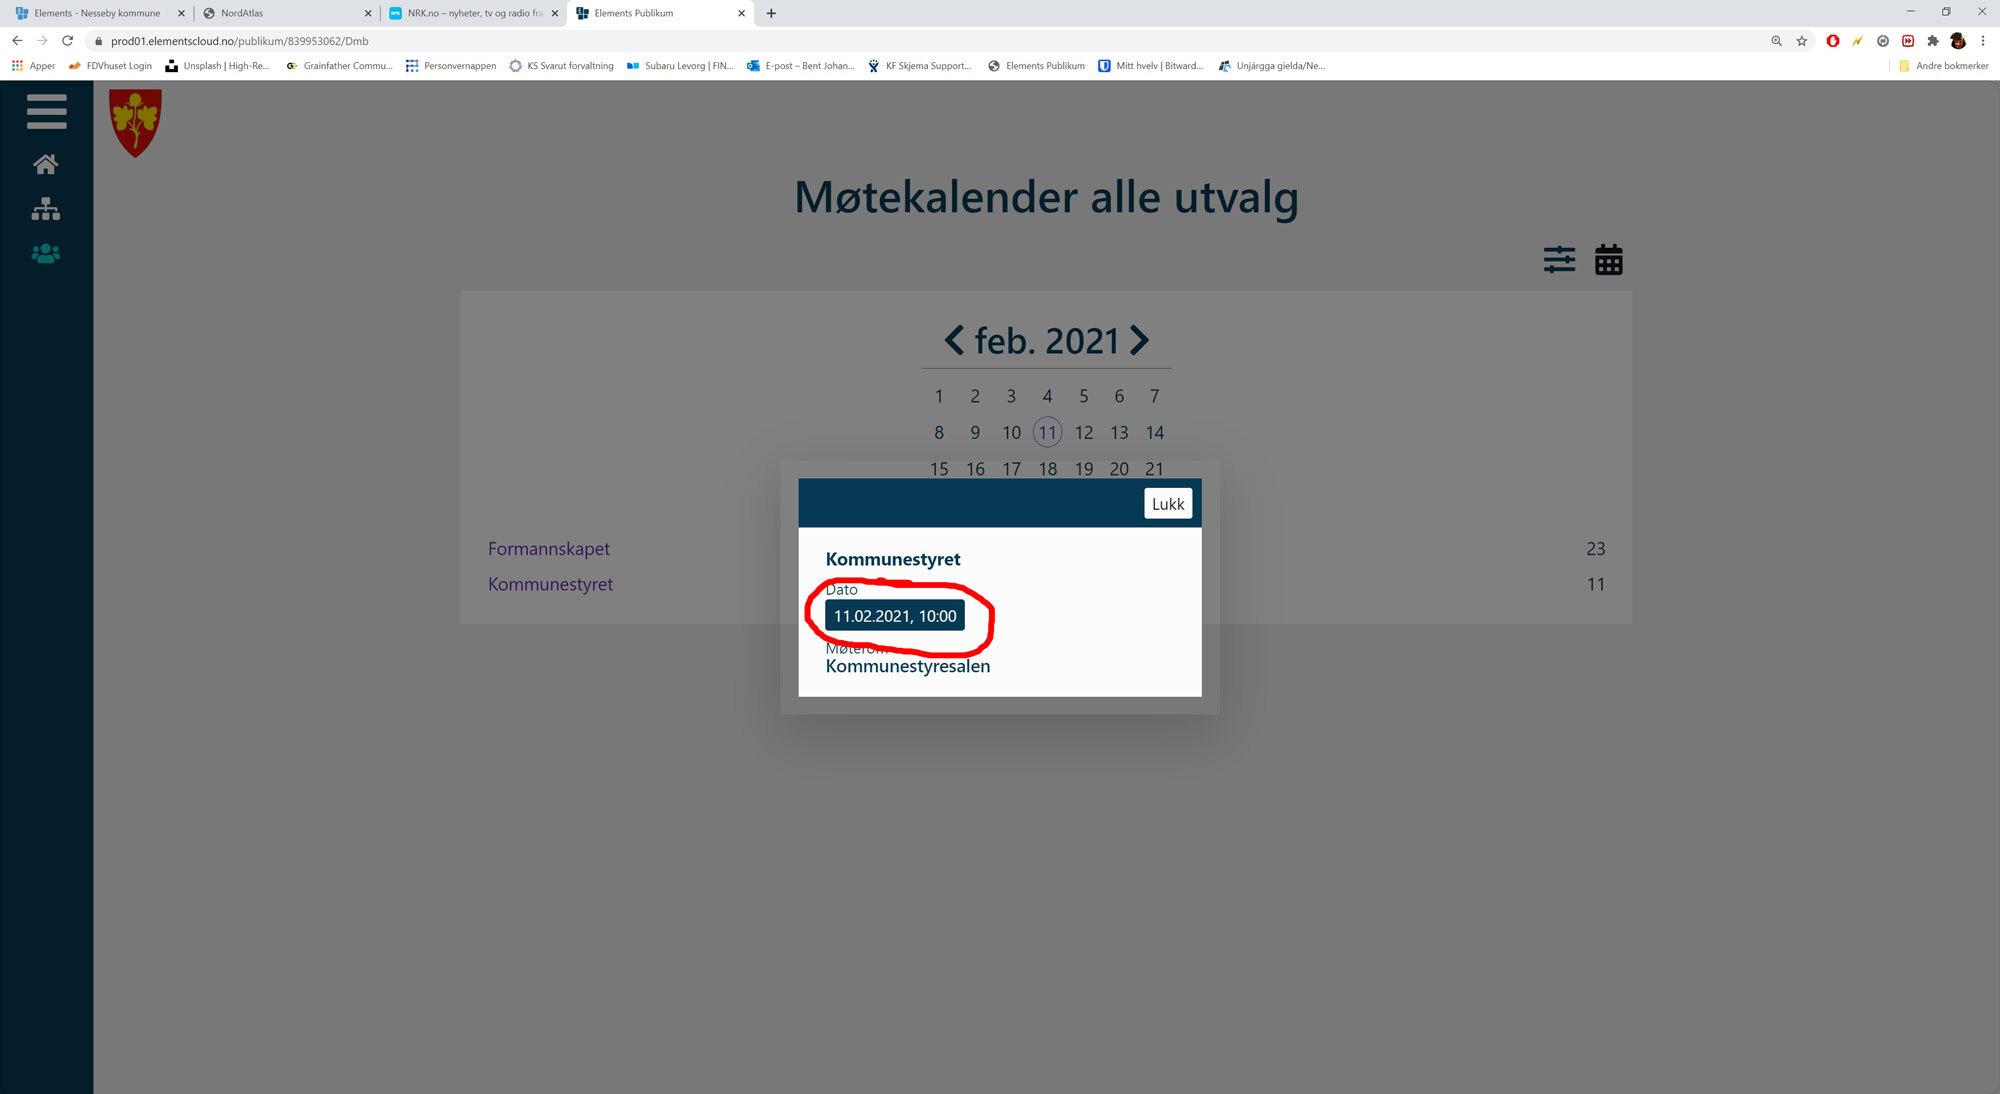 Skjermbilde-2021-02-19-145612.jpg